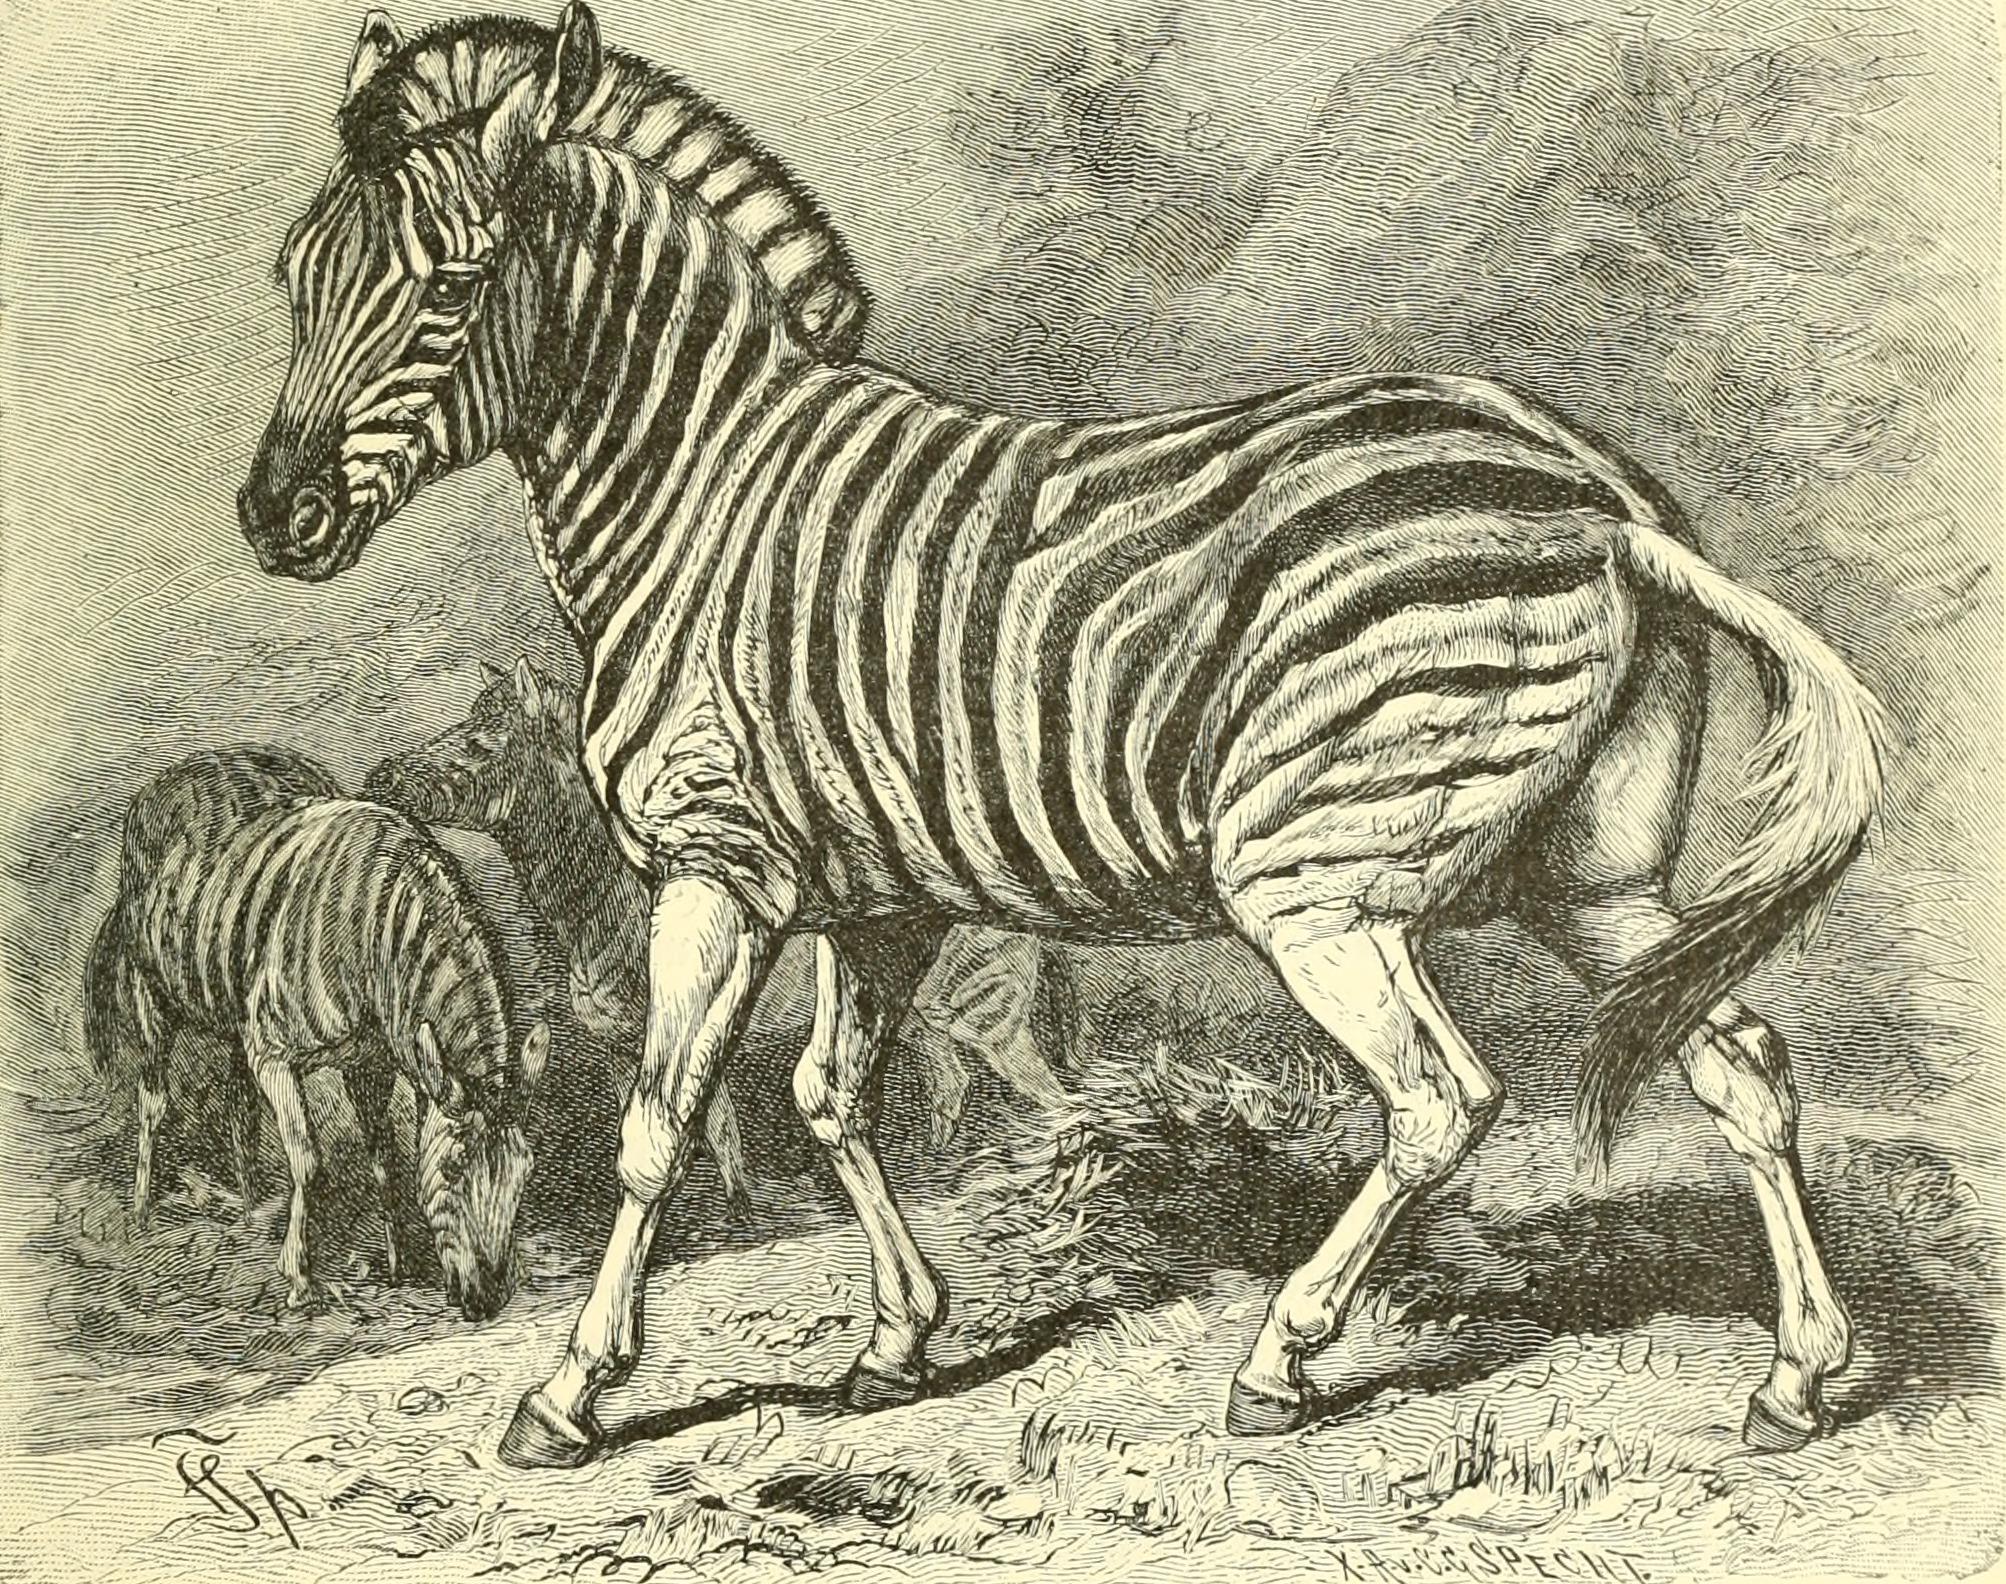 Ziemlich Farbe Zebra Druck Fotos - Beispielzusammenfassung Ideen ...